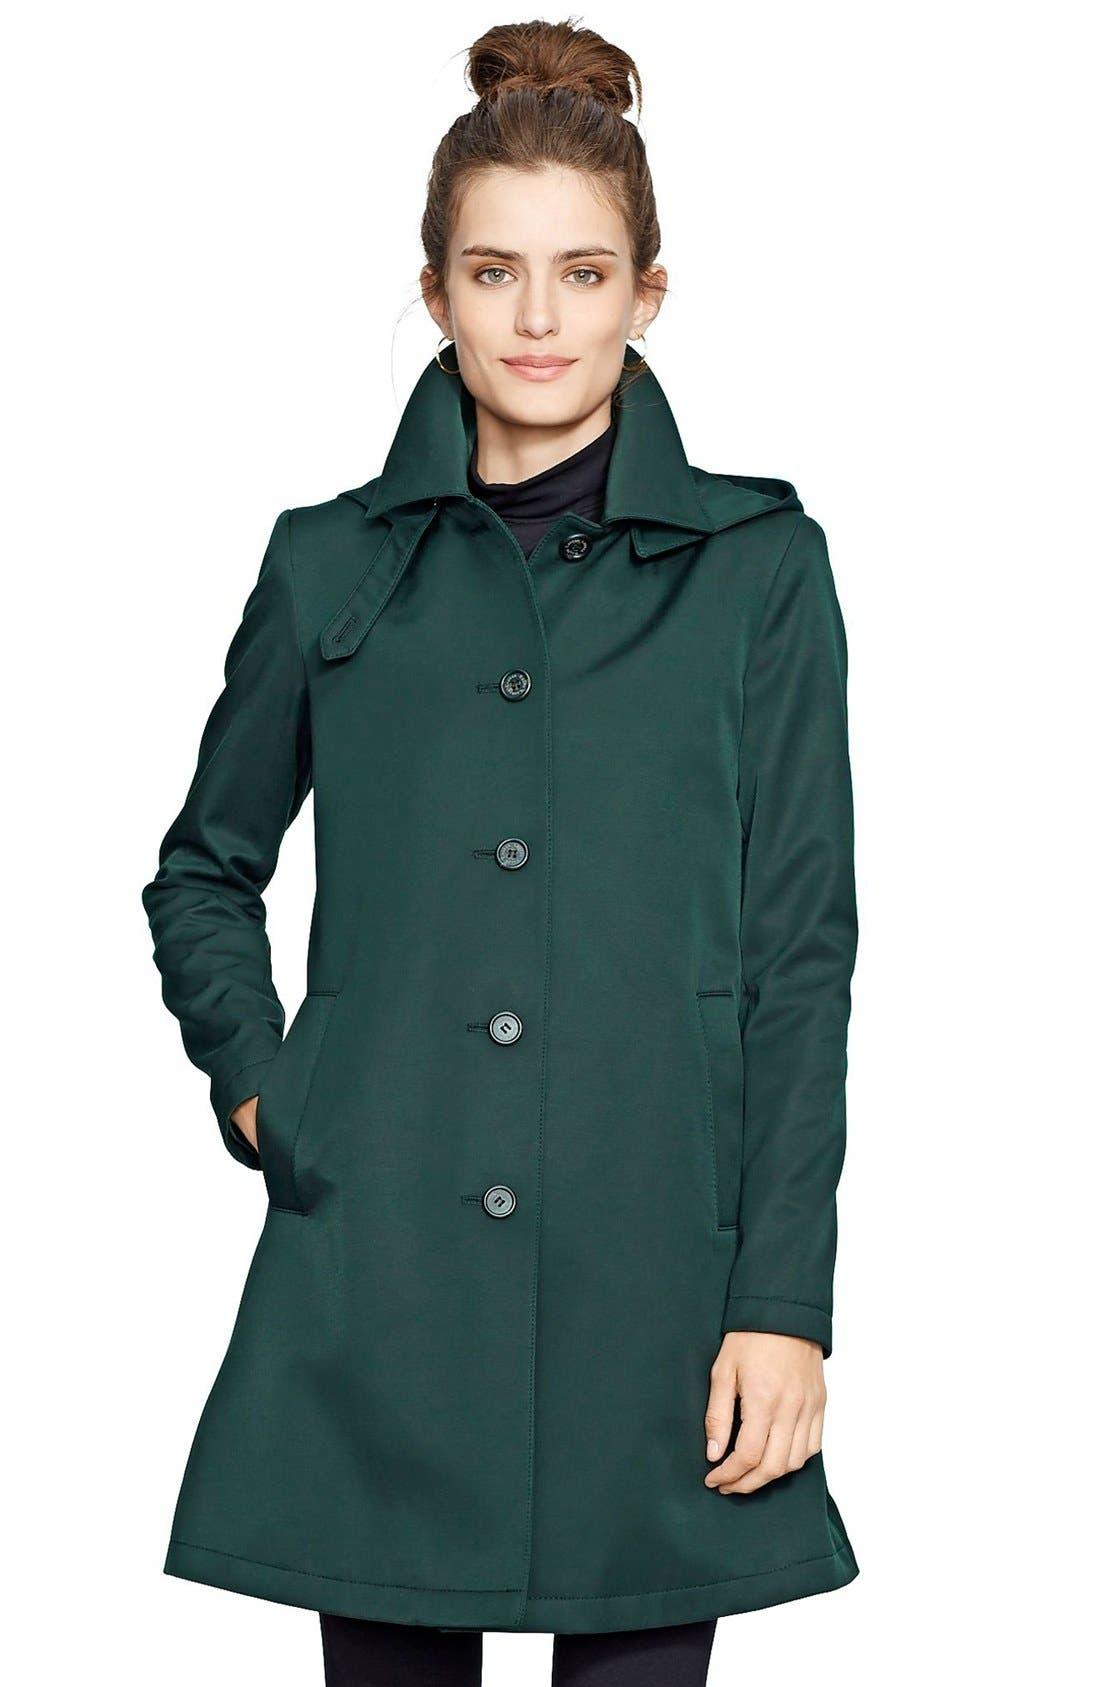 Main Image - Lauren Ralph Lauren A-Line Raincoat (Regular & Petite) (Nordstrom Exclusive)